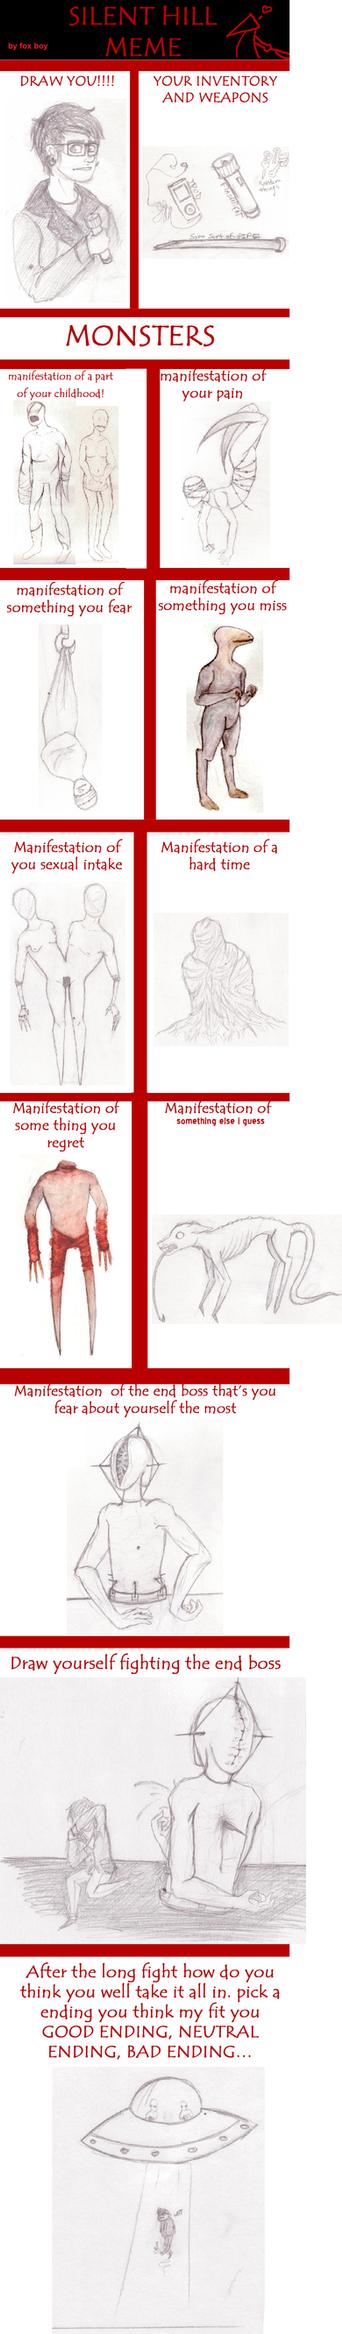 Silent Hill monster meme by bryarcat